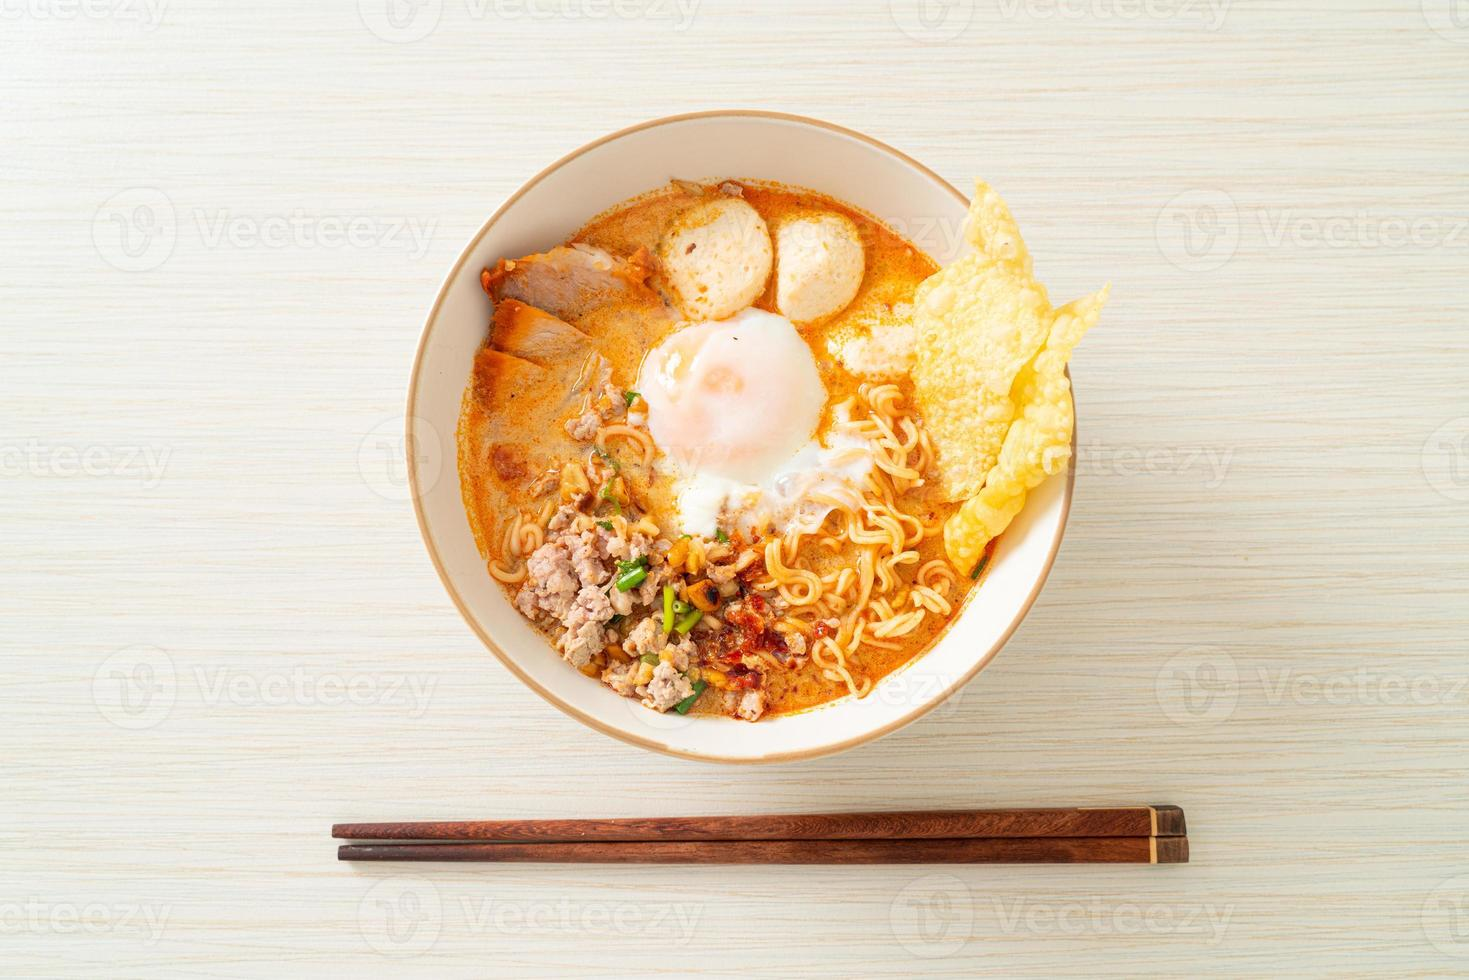 nouilles instantanées au porc et boulettes de viande dans une soupe épicée ou nouilles tom yum à l'asiatique photo